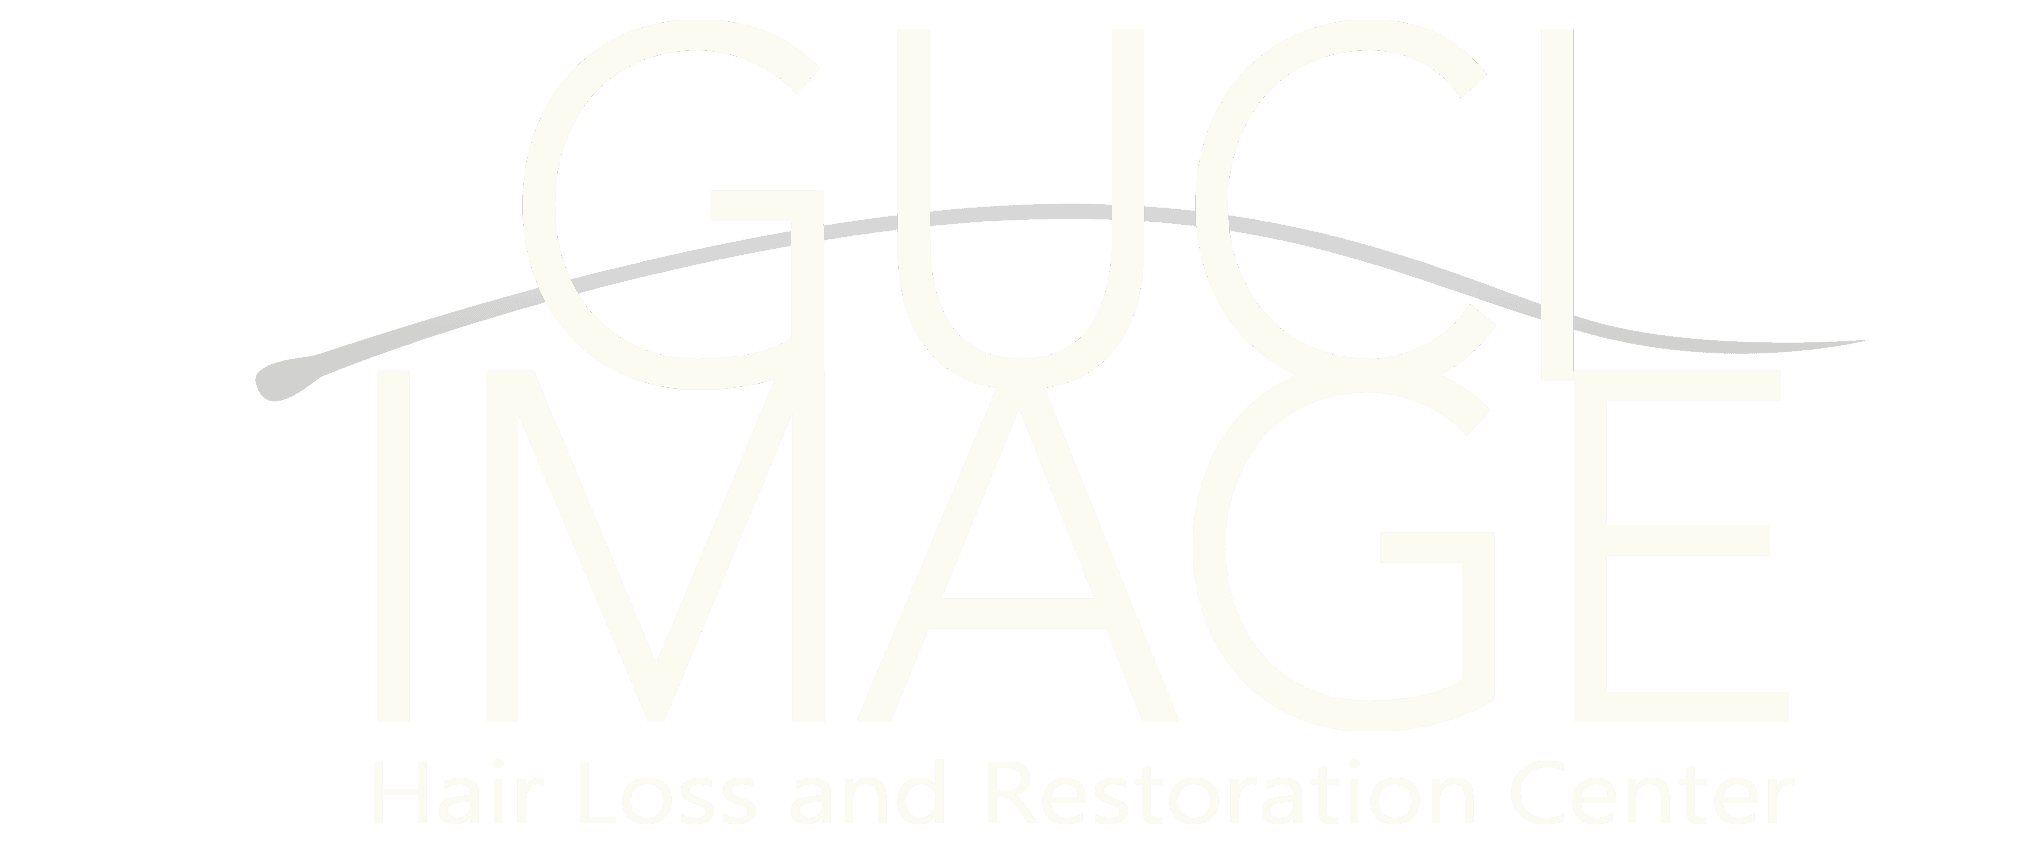 Guci Image Inc